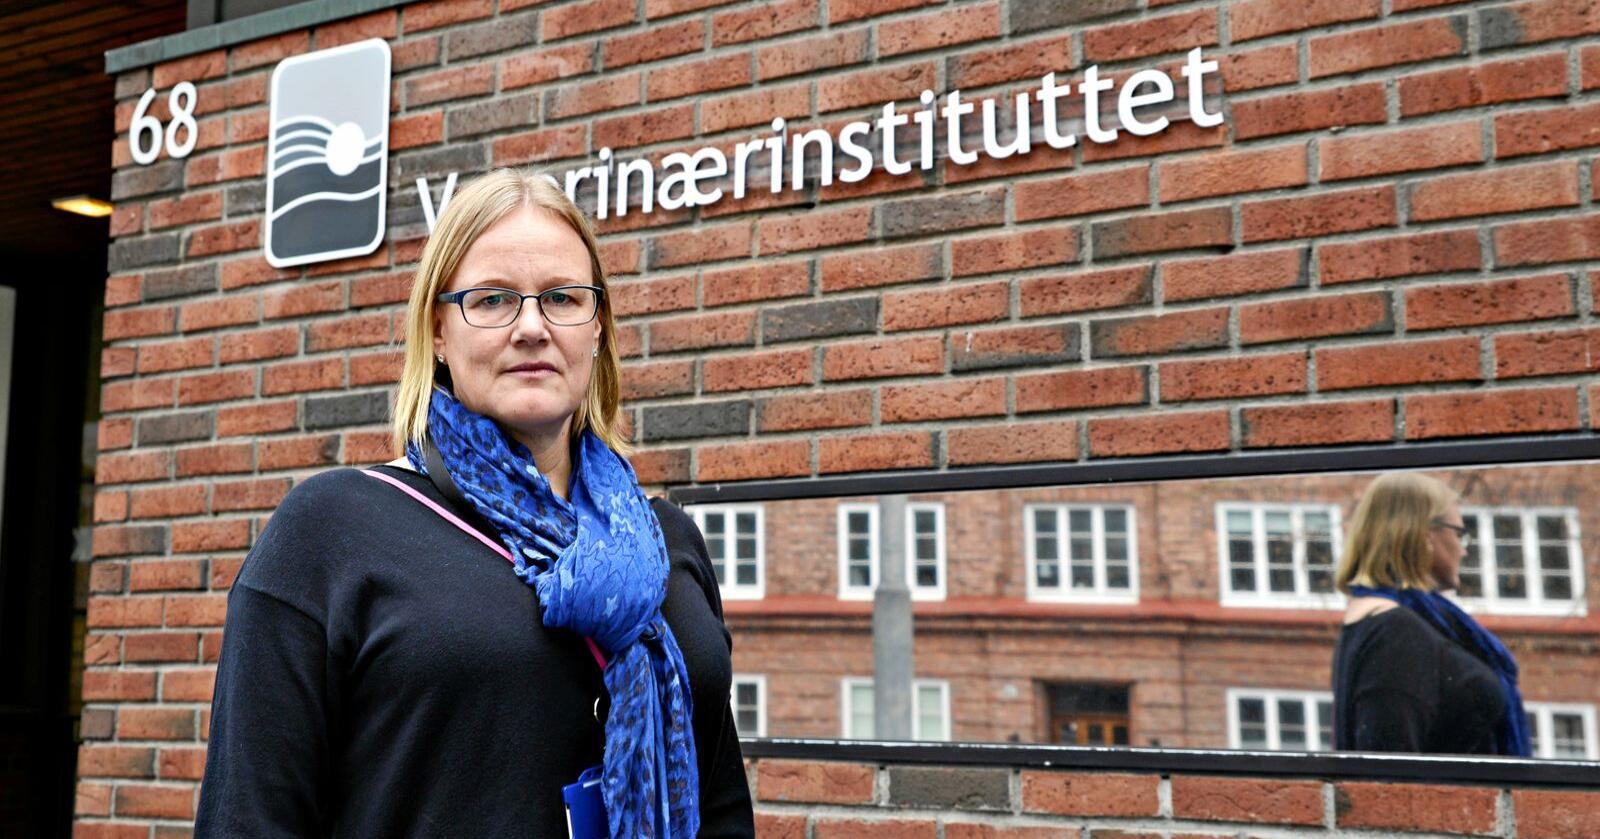 Anne Margrete Urdahl, seniorforsker ved Veterinærinstituttet. Foto: Mariann Tvete